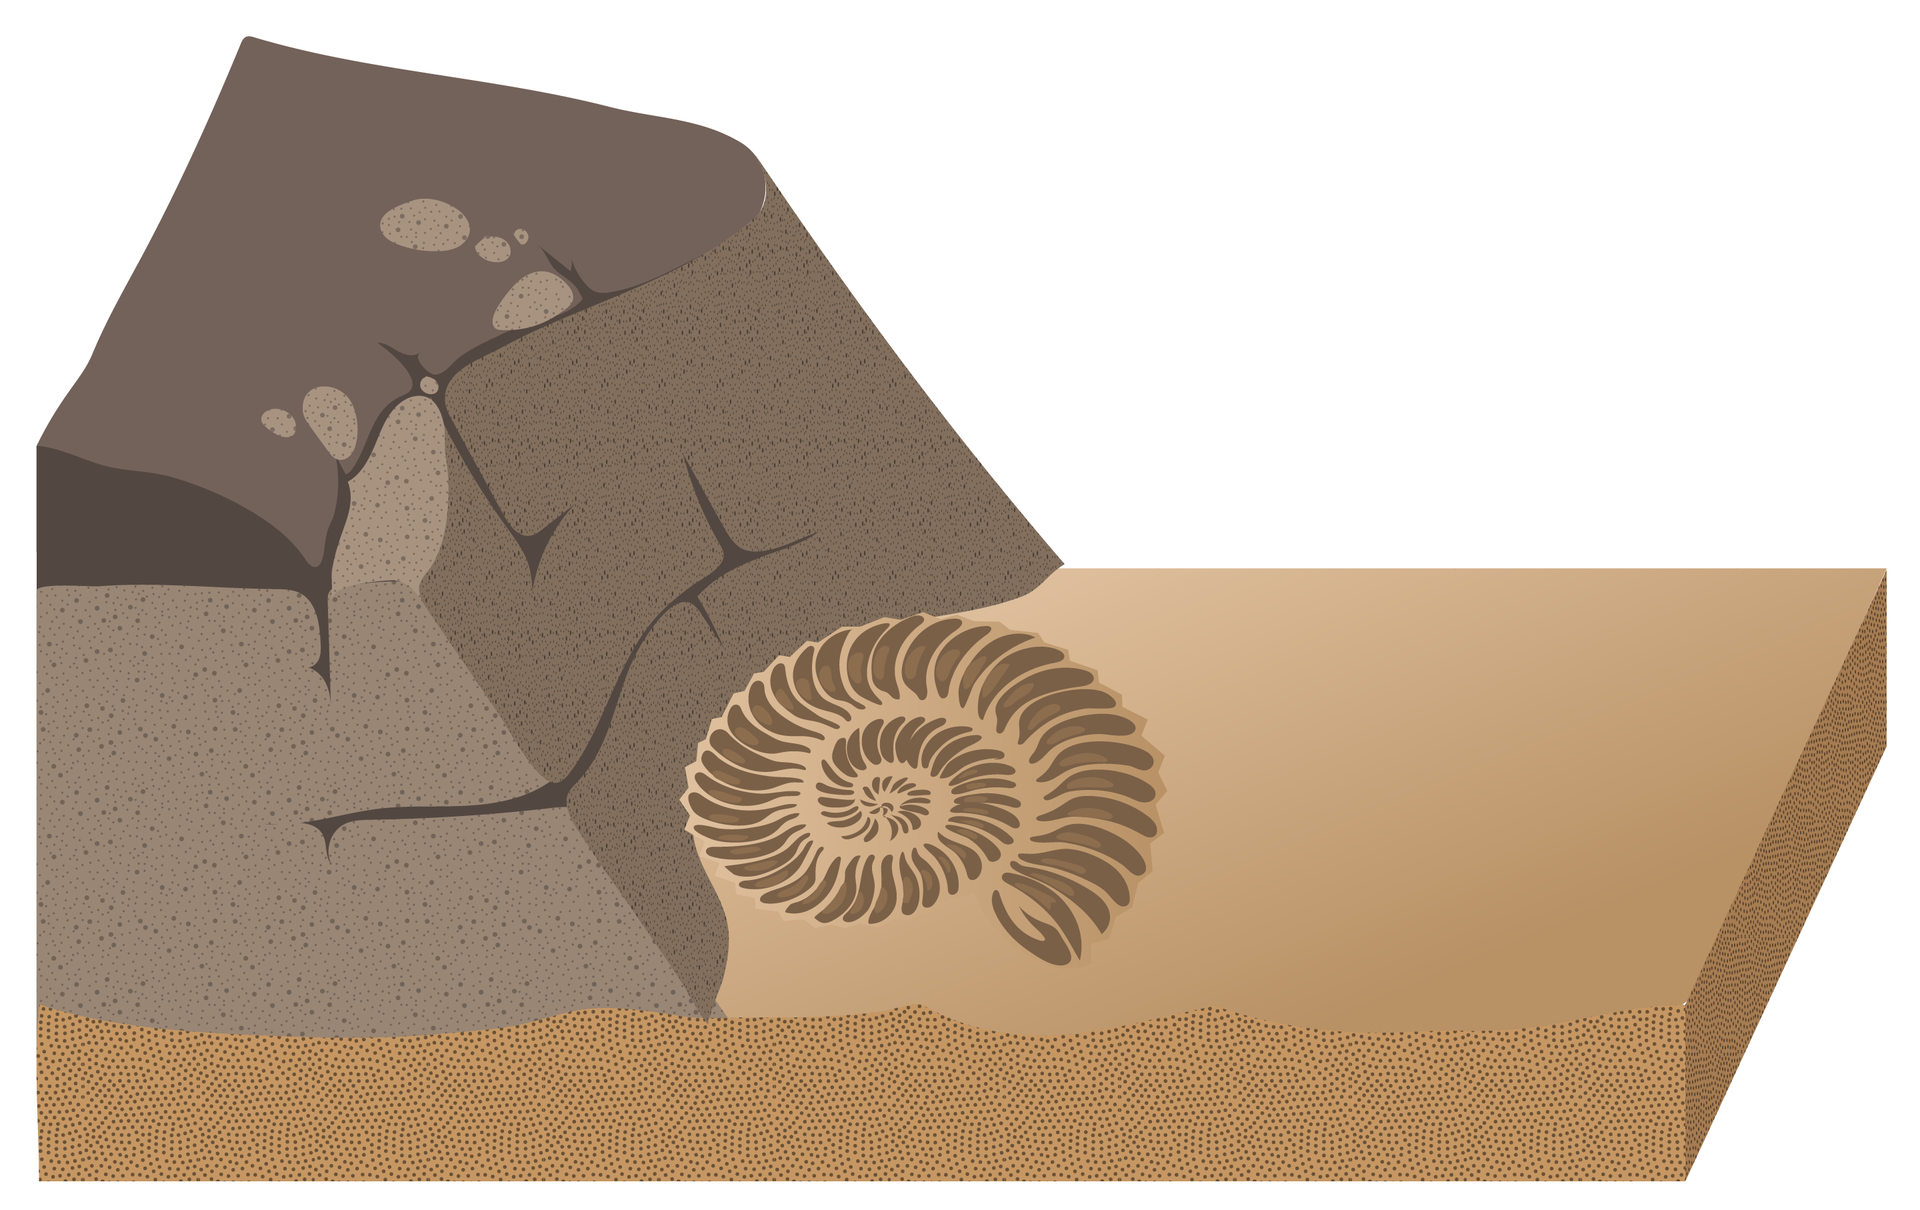 Rysunek przedstawia odsłonięte wwyniku erozji skały, które kiedyś stanowiły dno morza. Wnich widoczna jest skamieniała muszla.